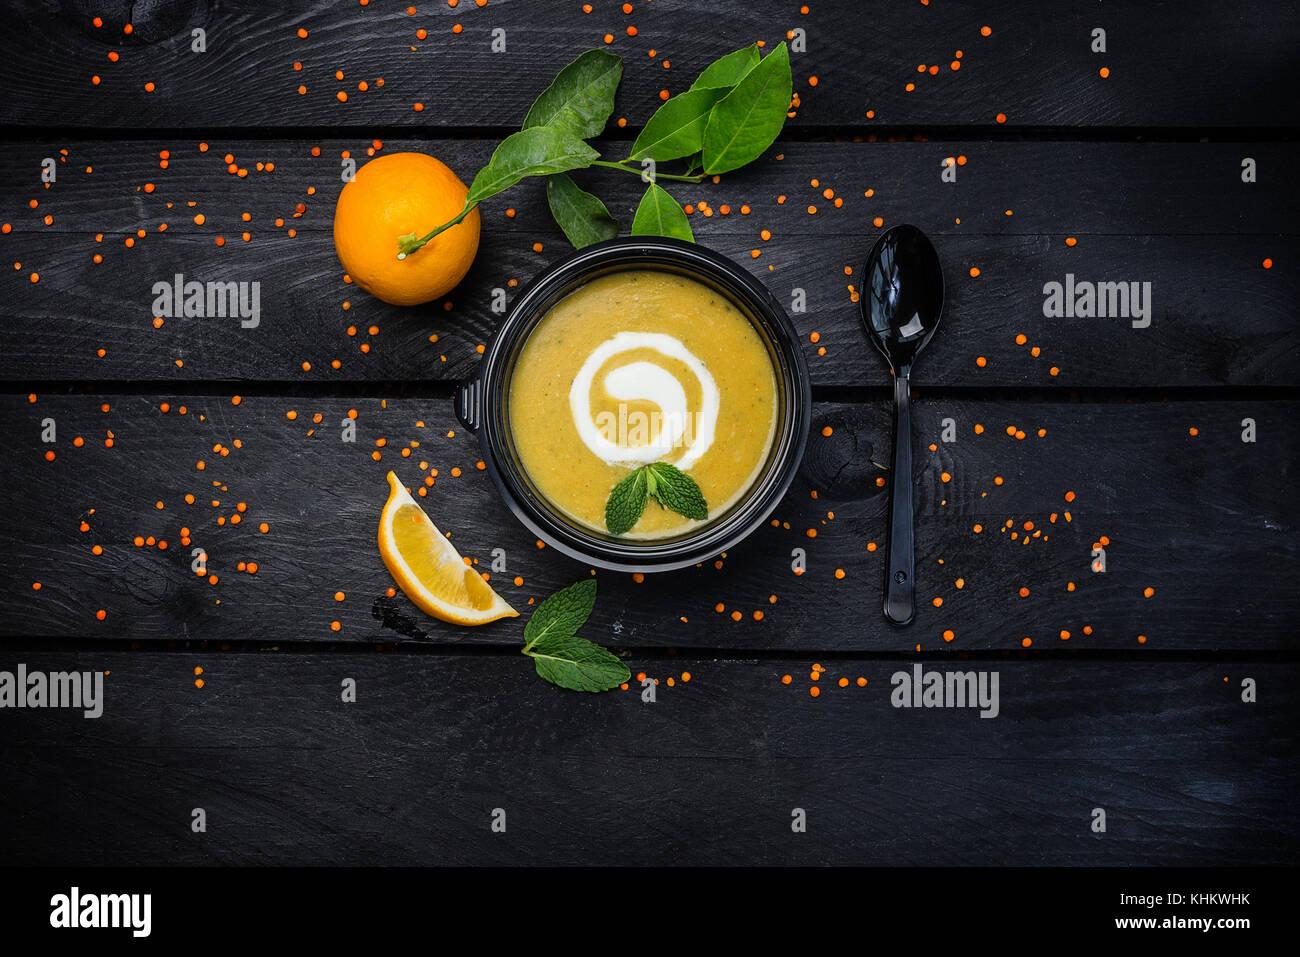 Crème de lentilles avec une cuillère à soupe de citron et noir sur fond de bois foncé. haut voir l'image. Banque D'Images